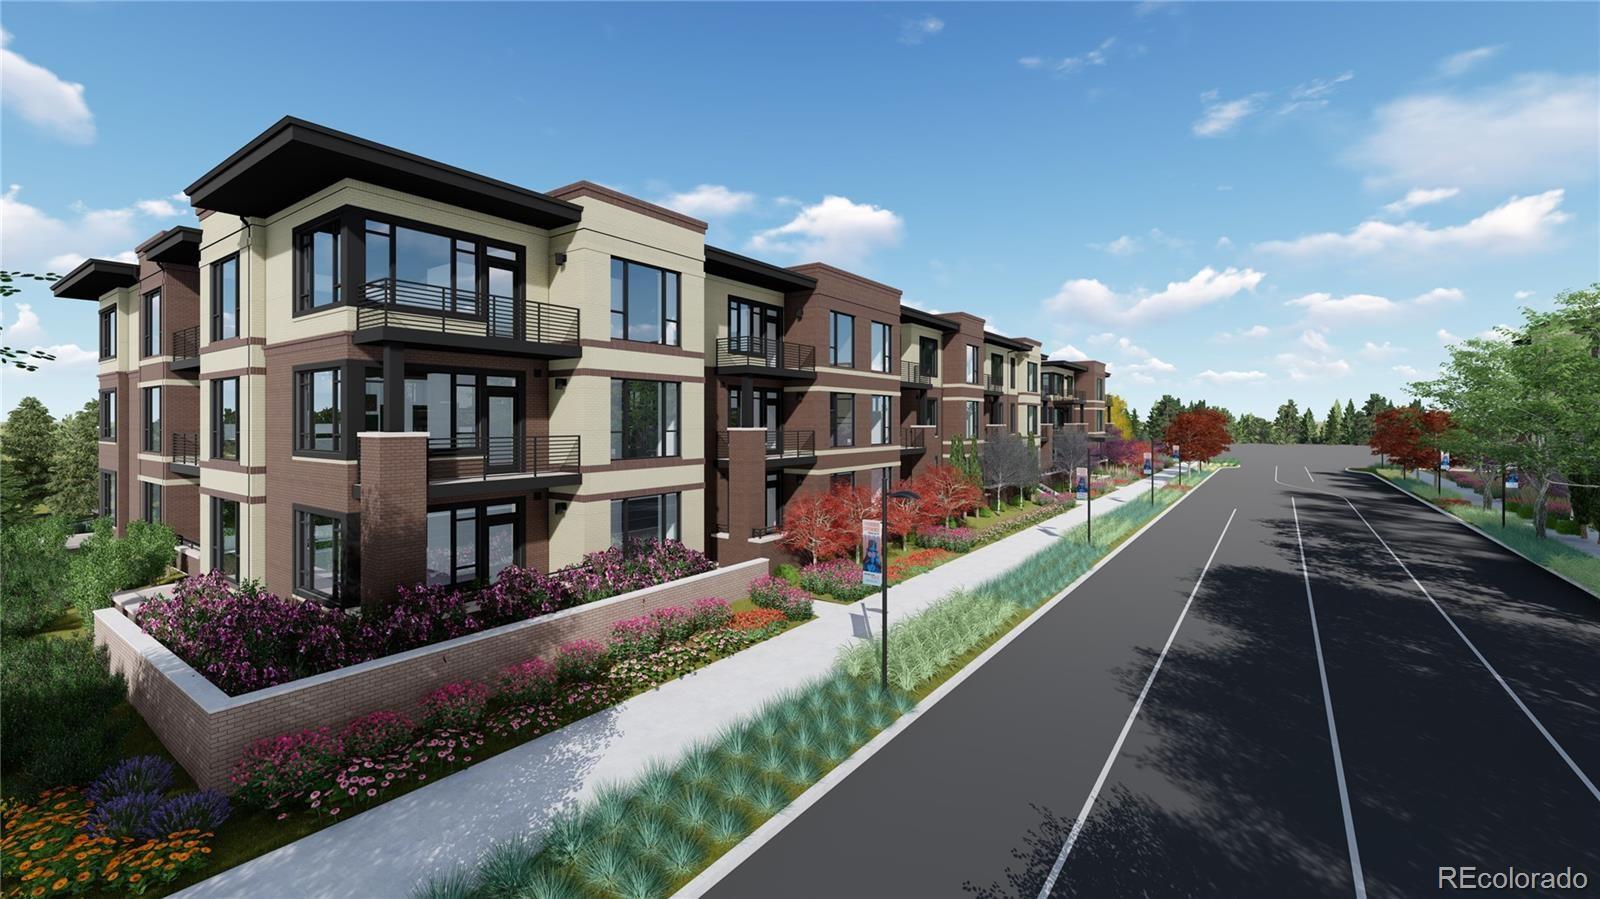 MLS# 9614829 - 16 - 6619 E Lowry Boulevard #105, Denver, CO 80224